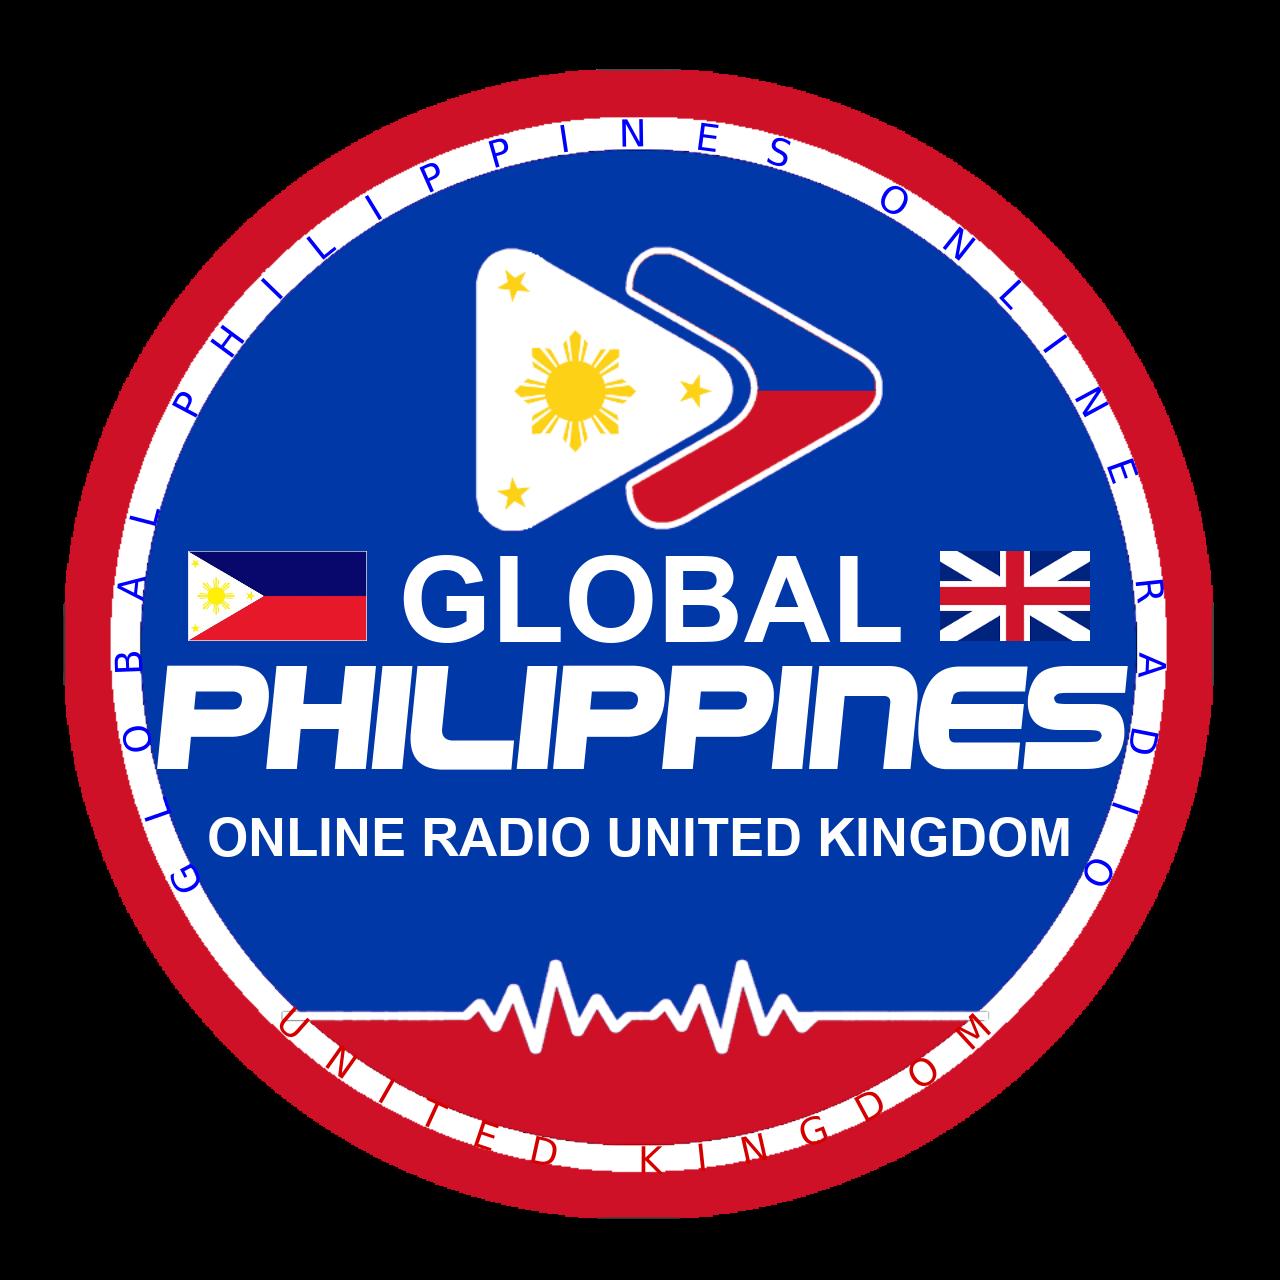 Unique Real Philipinian web radio